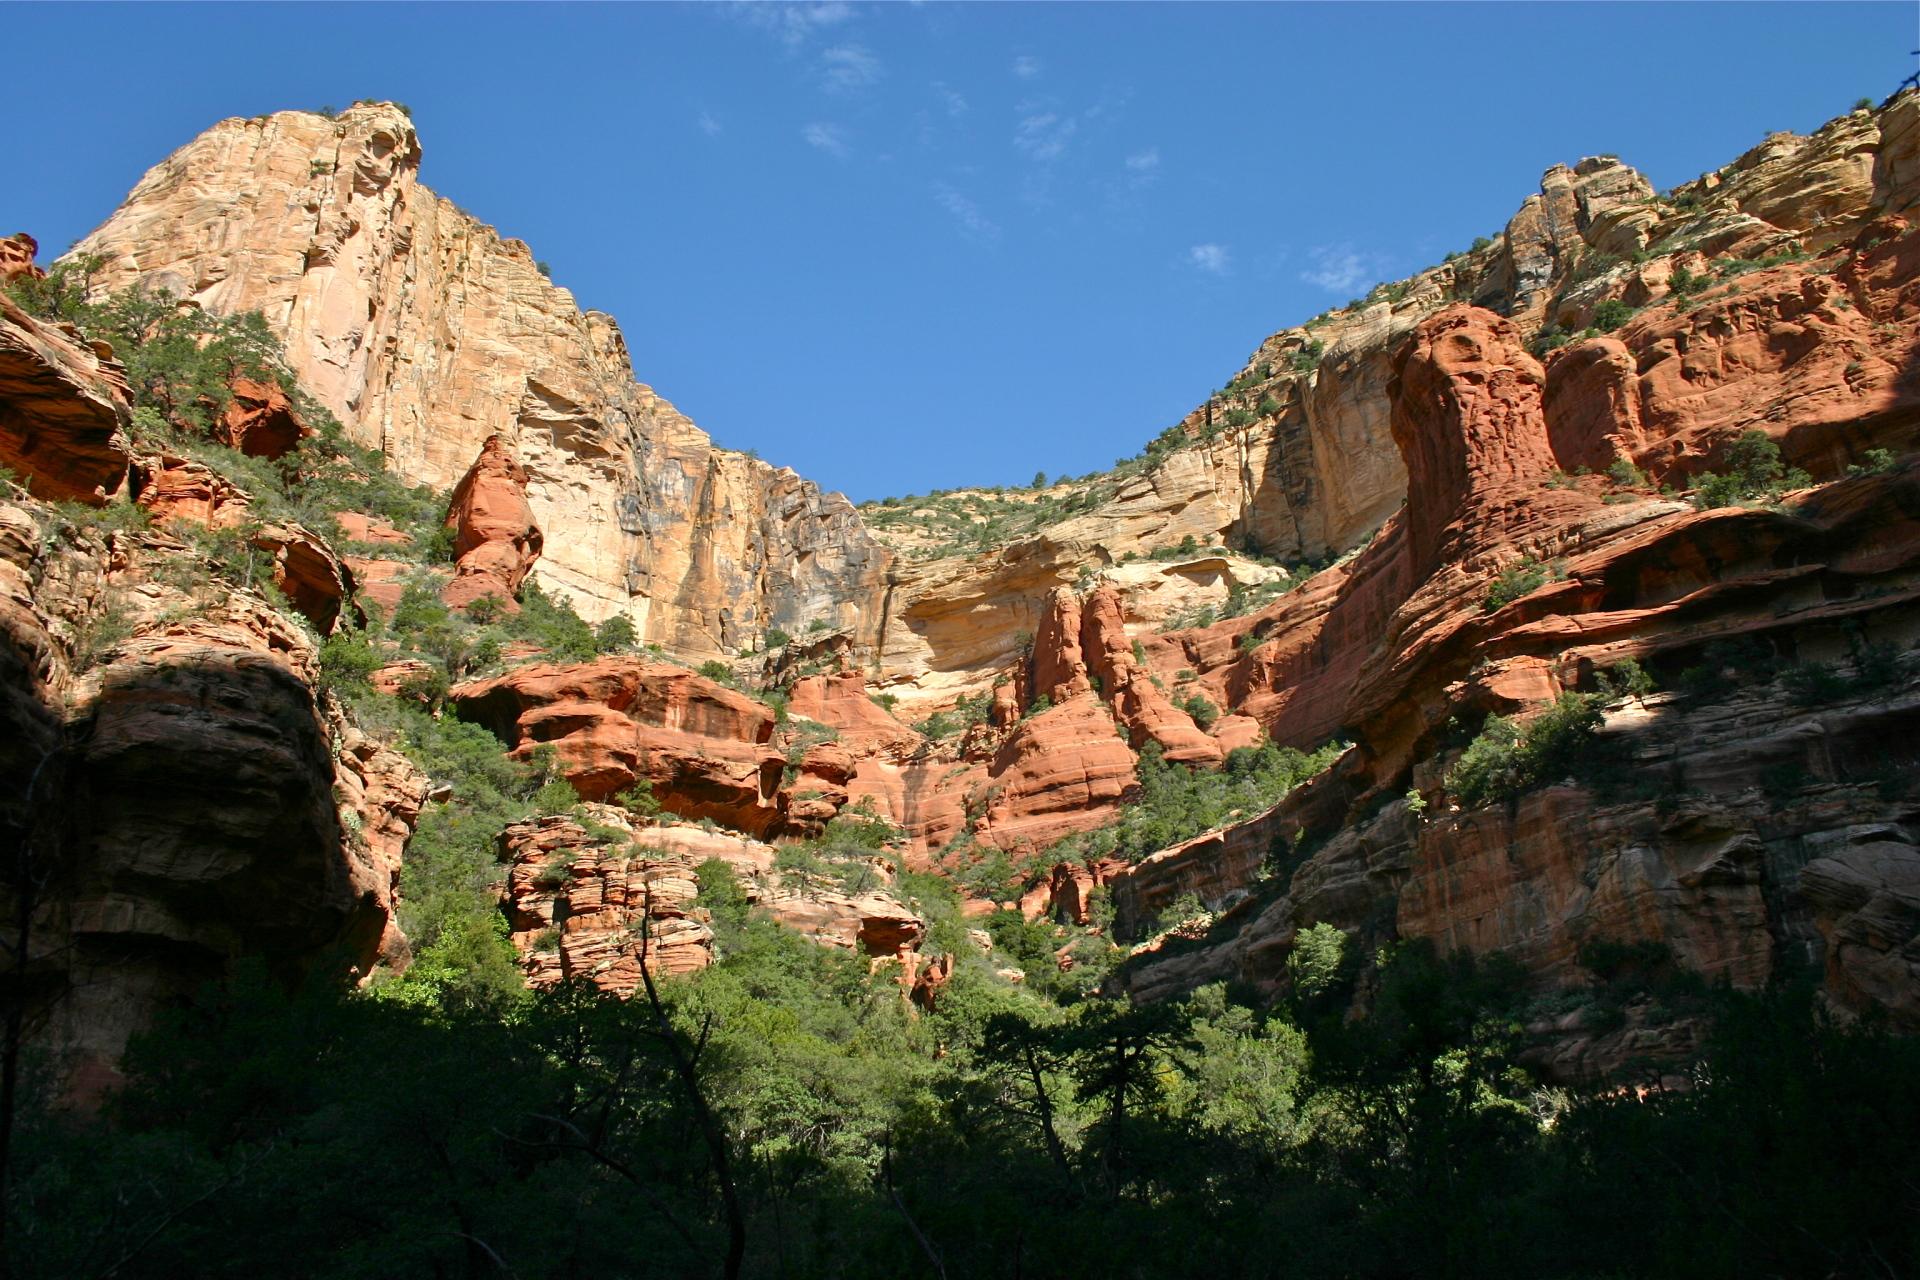 Fay Canyon in Sedona